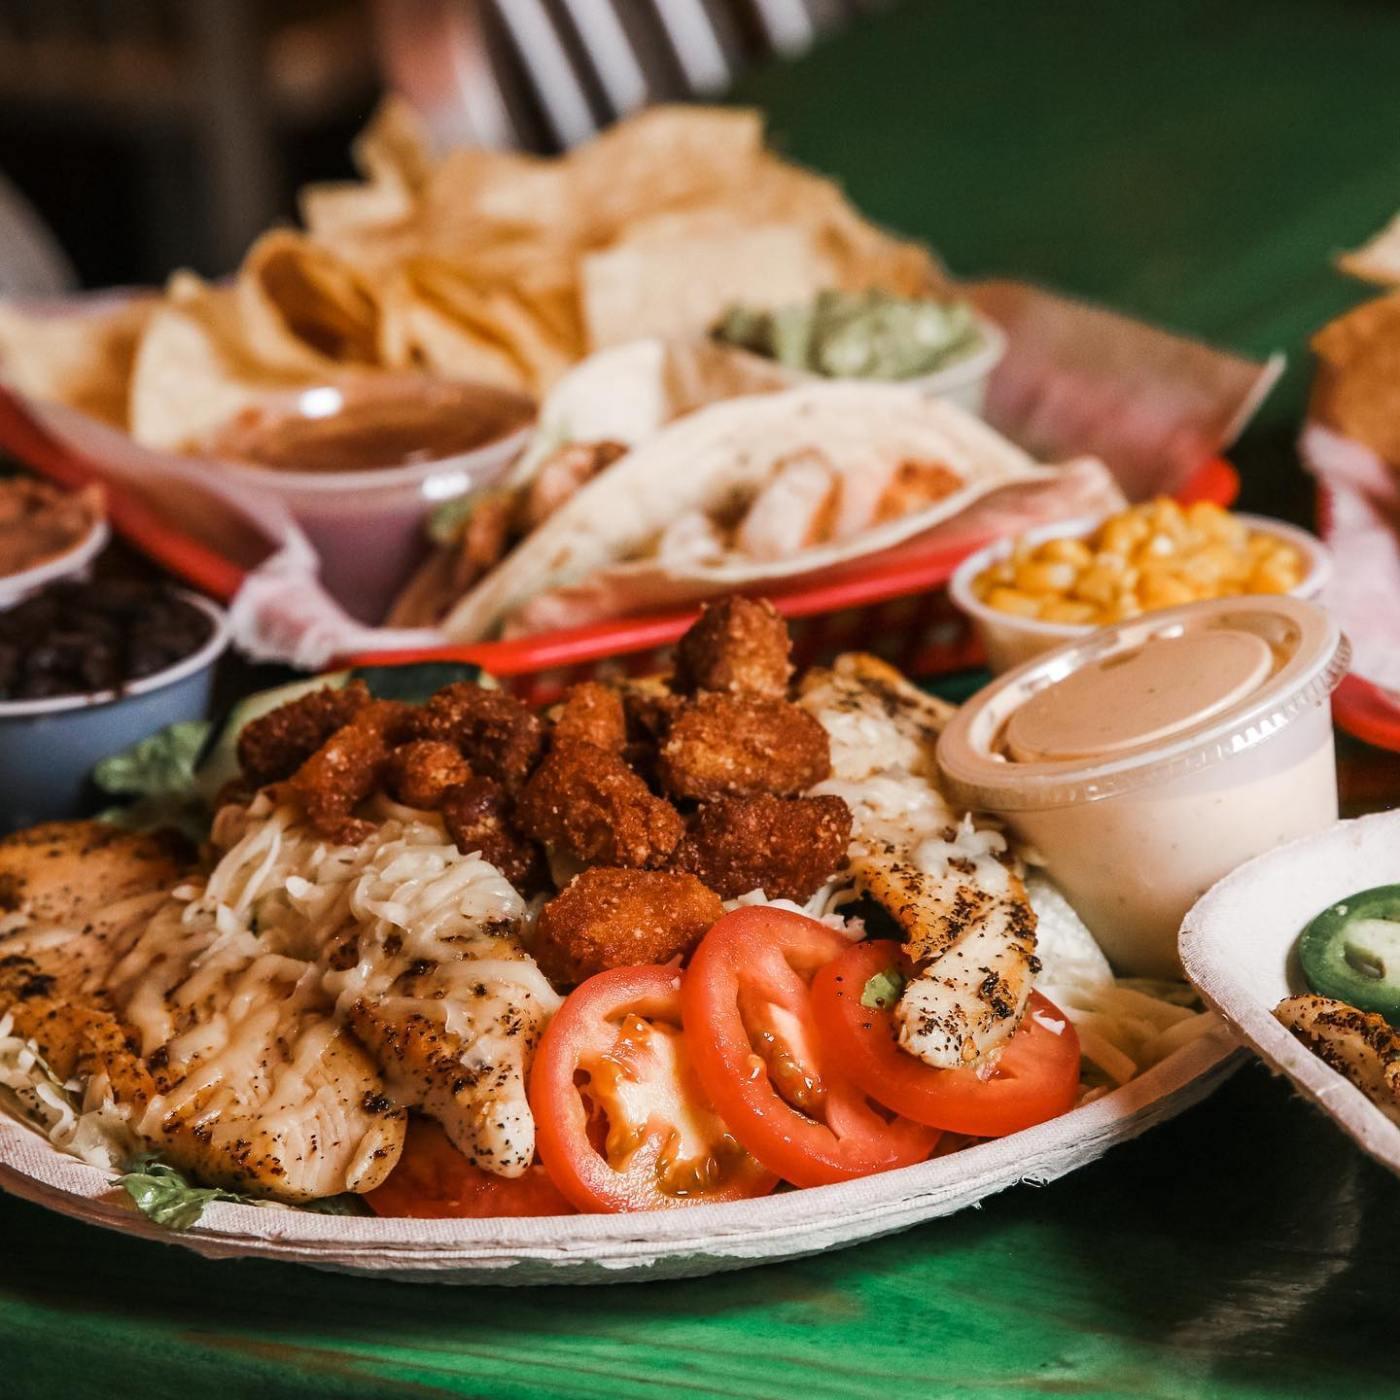 The food at Taco Mama is soooo good